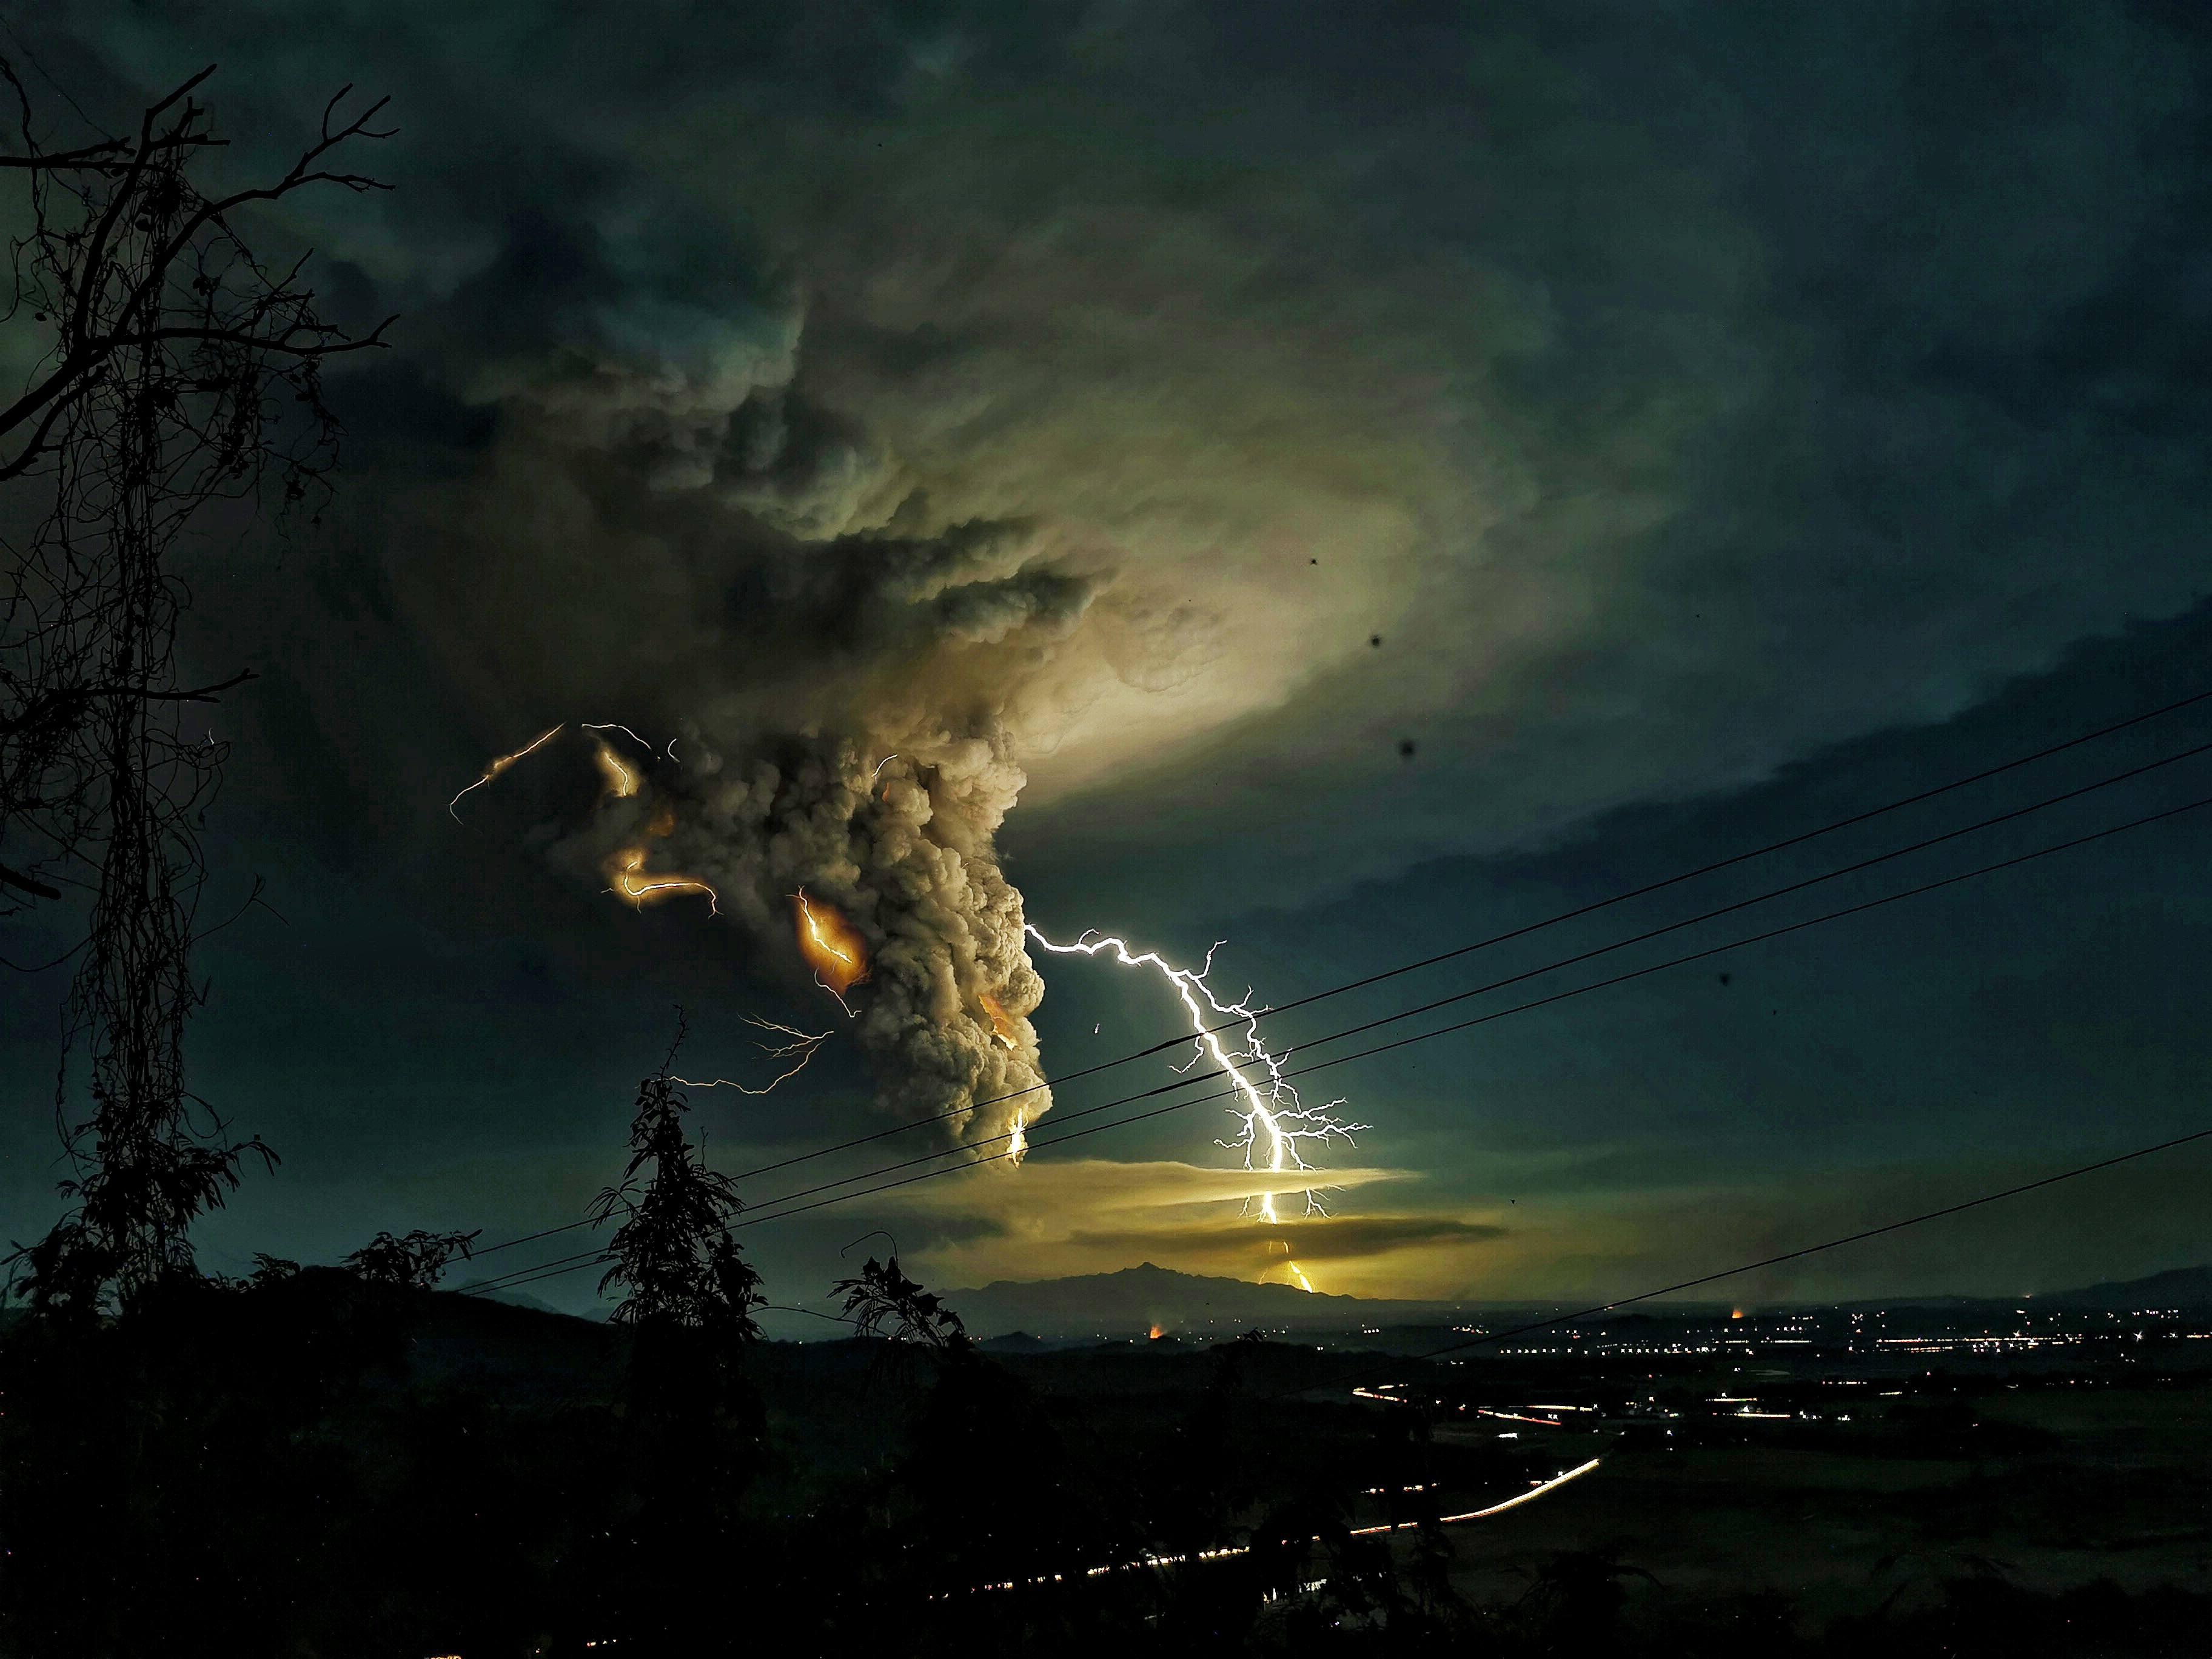 Молния надБатангасом во время извержения вулкана Таал. Все, кто находился вблизи главного кратера, а также жители близлежащих городов были эвакуированы всвязи сугрозой взрывов ивозможного выброса высококонцентрированных ядовитых вулканических газов.